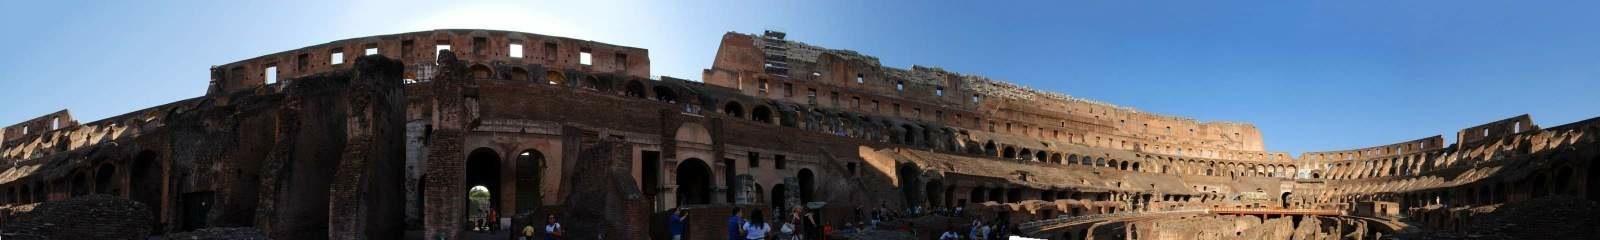 Roman Colosseum Panorama 2 2